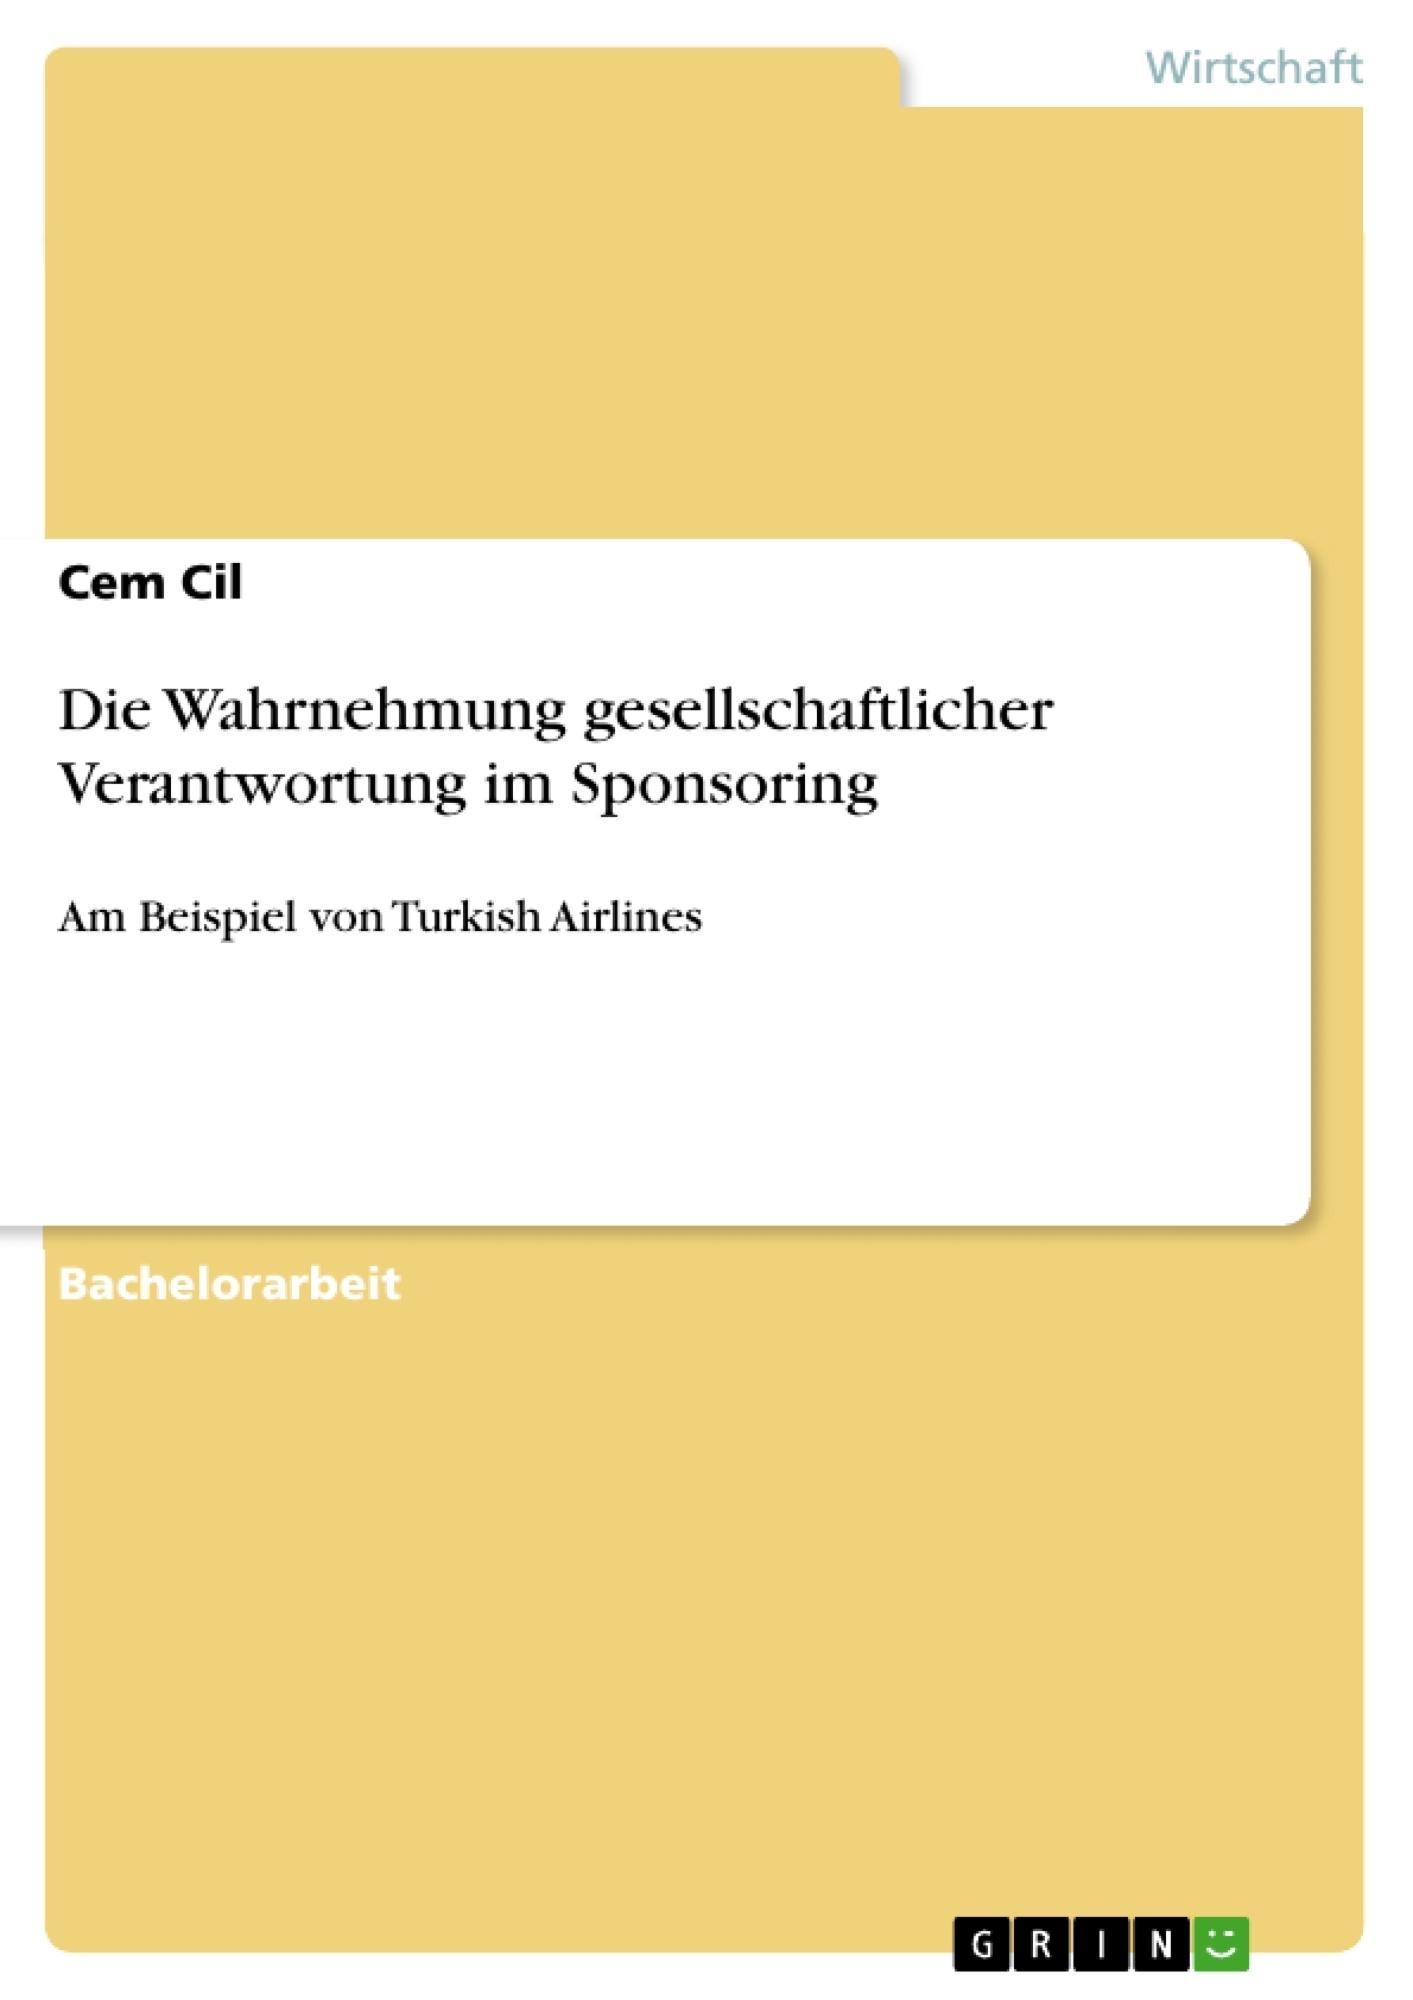 Titel: Die Wahrnehmung gesellschaftlicher Verantwortung im Sponsoring